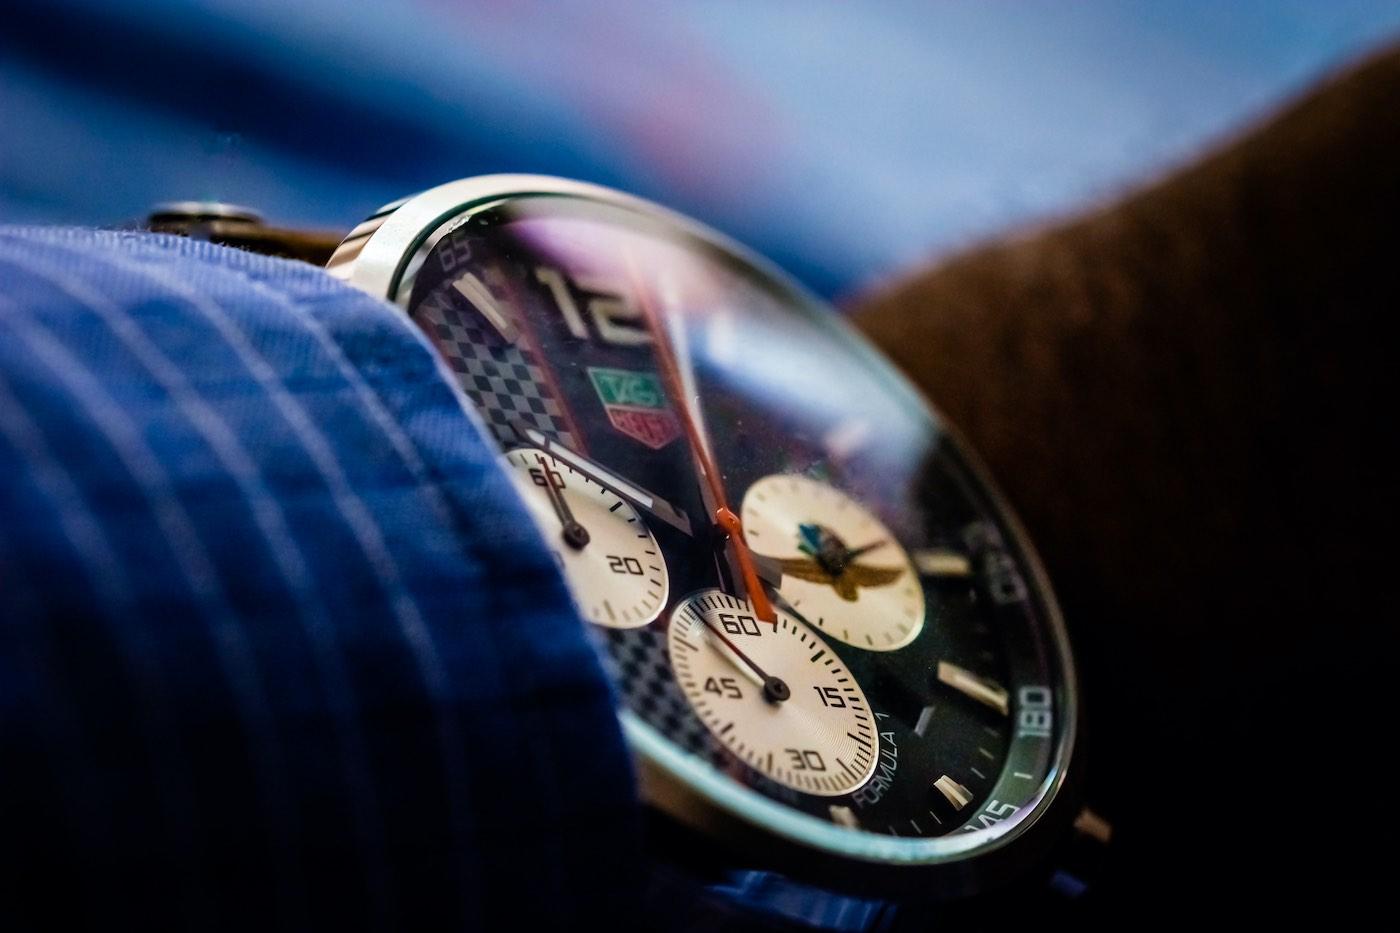 7 increíbles relojes de lujo por menos de $1000